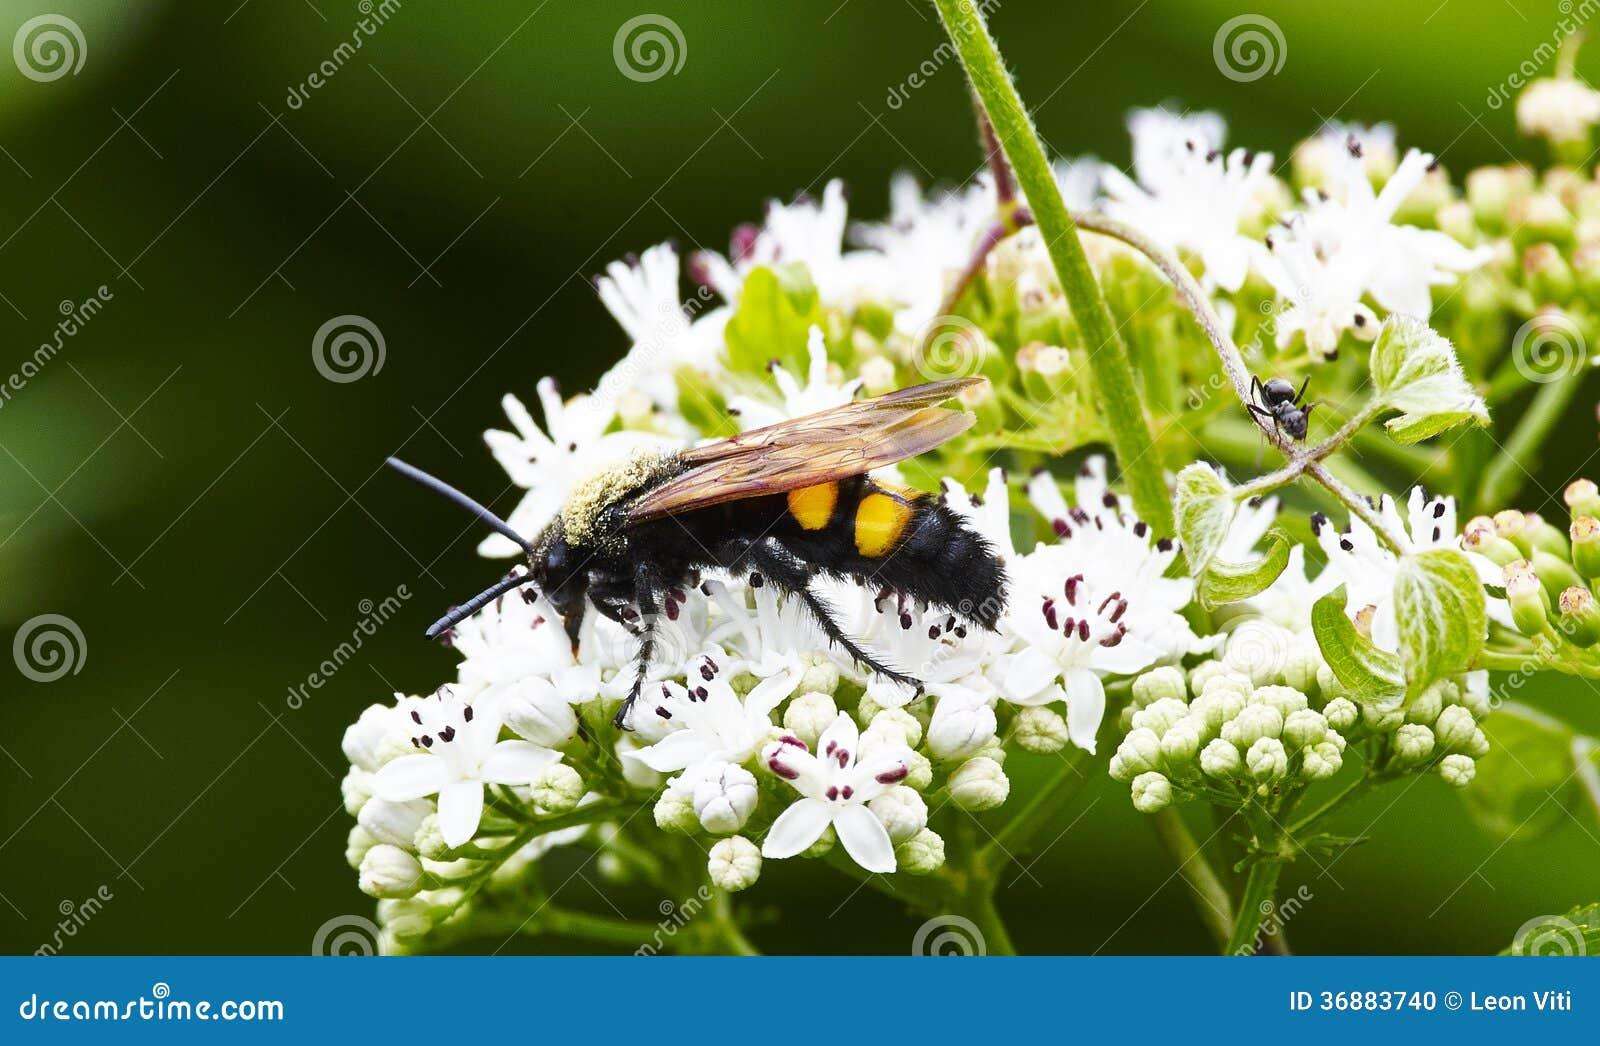 Download Vespa fotografia stock. Immagine di animale, comune, herbal - 36883740